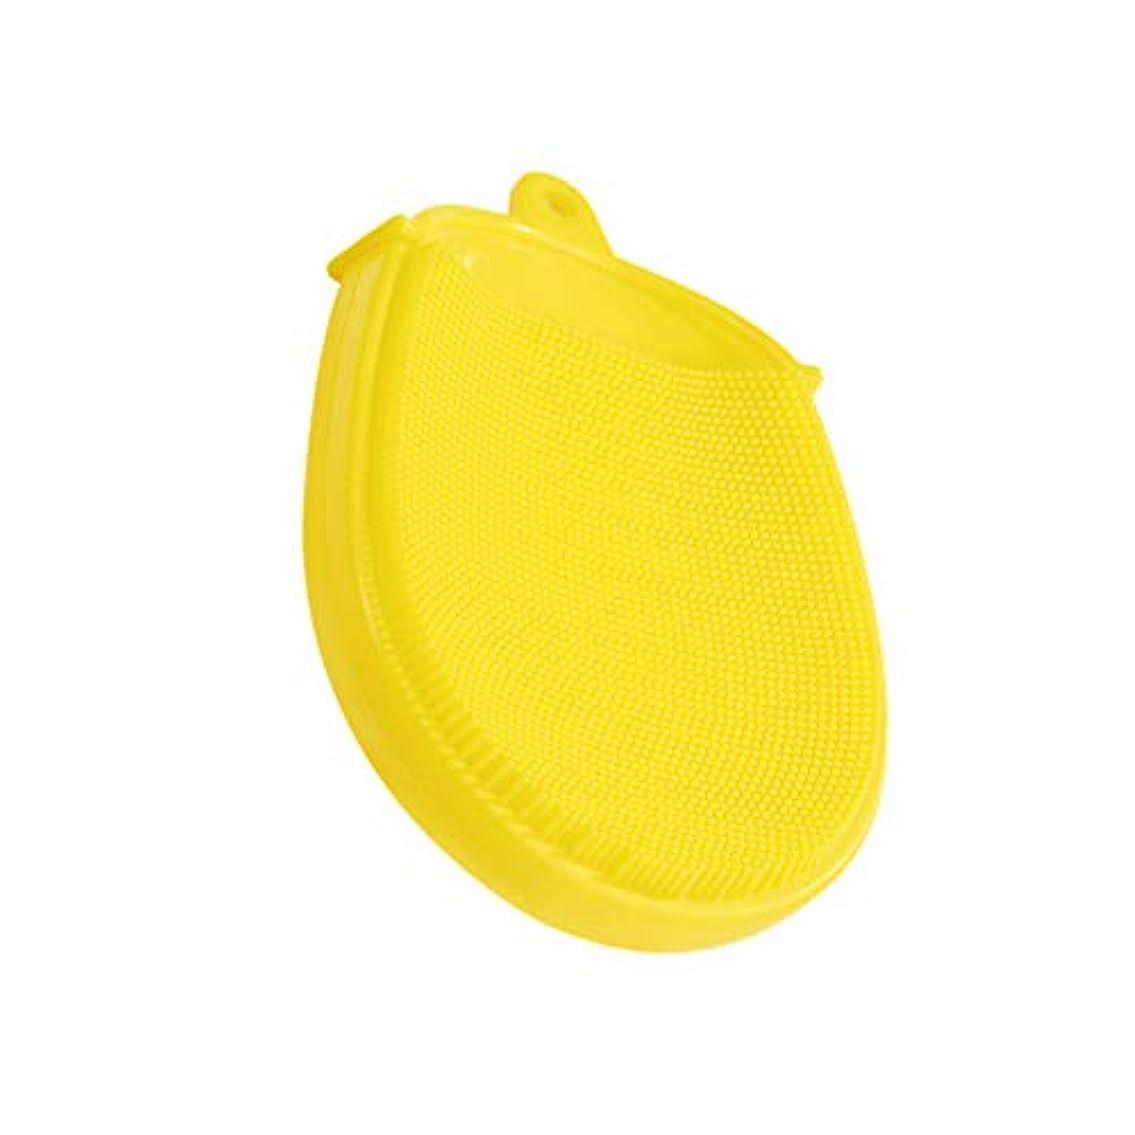 恐怖クック腐食するHeallily バスブラシシリコンボディブラシソフトマッサージバックブラシクレンジングスクラバーキッズバスアクセサリー(黄色)